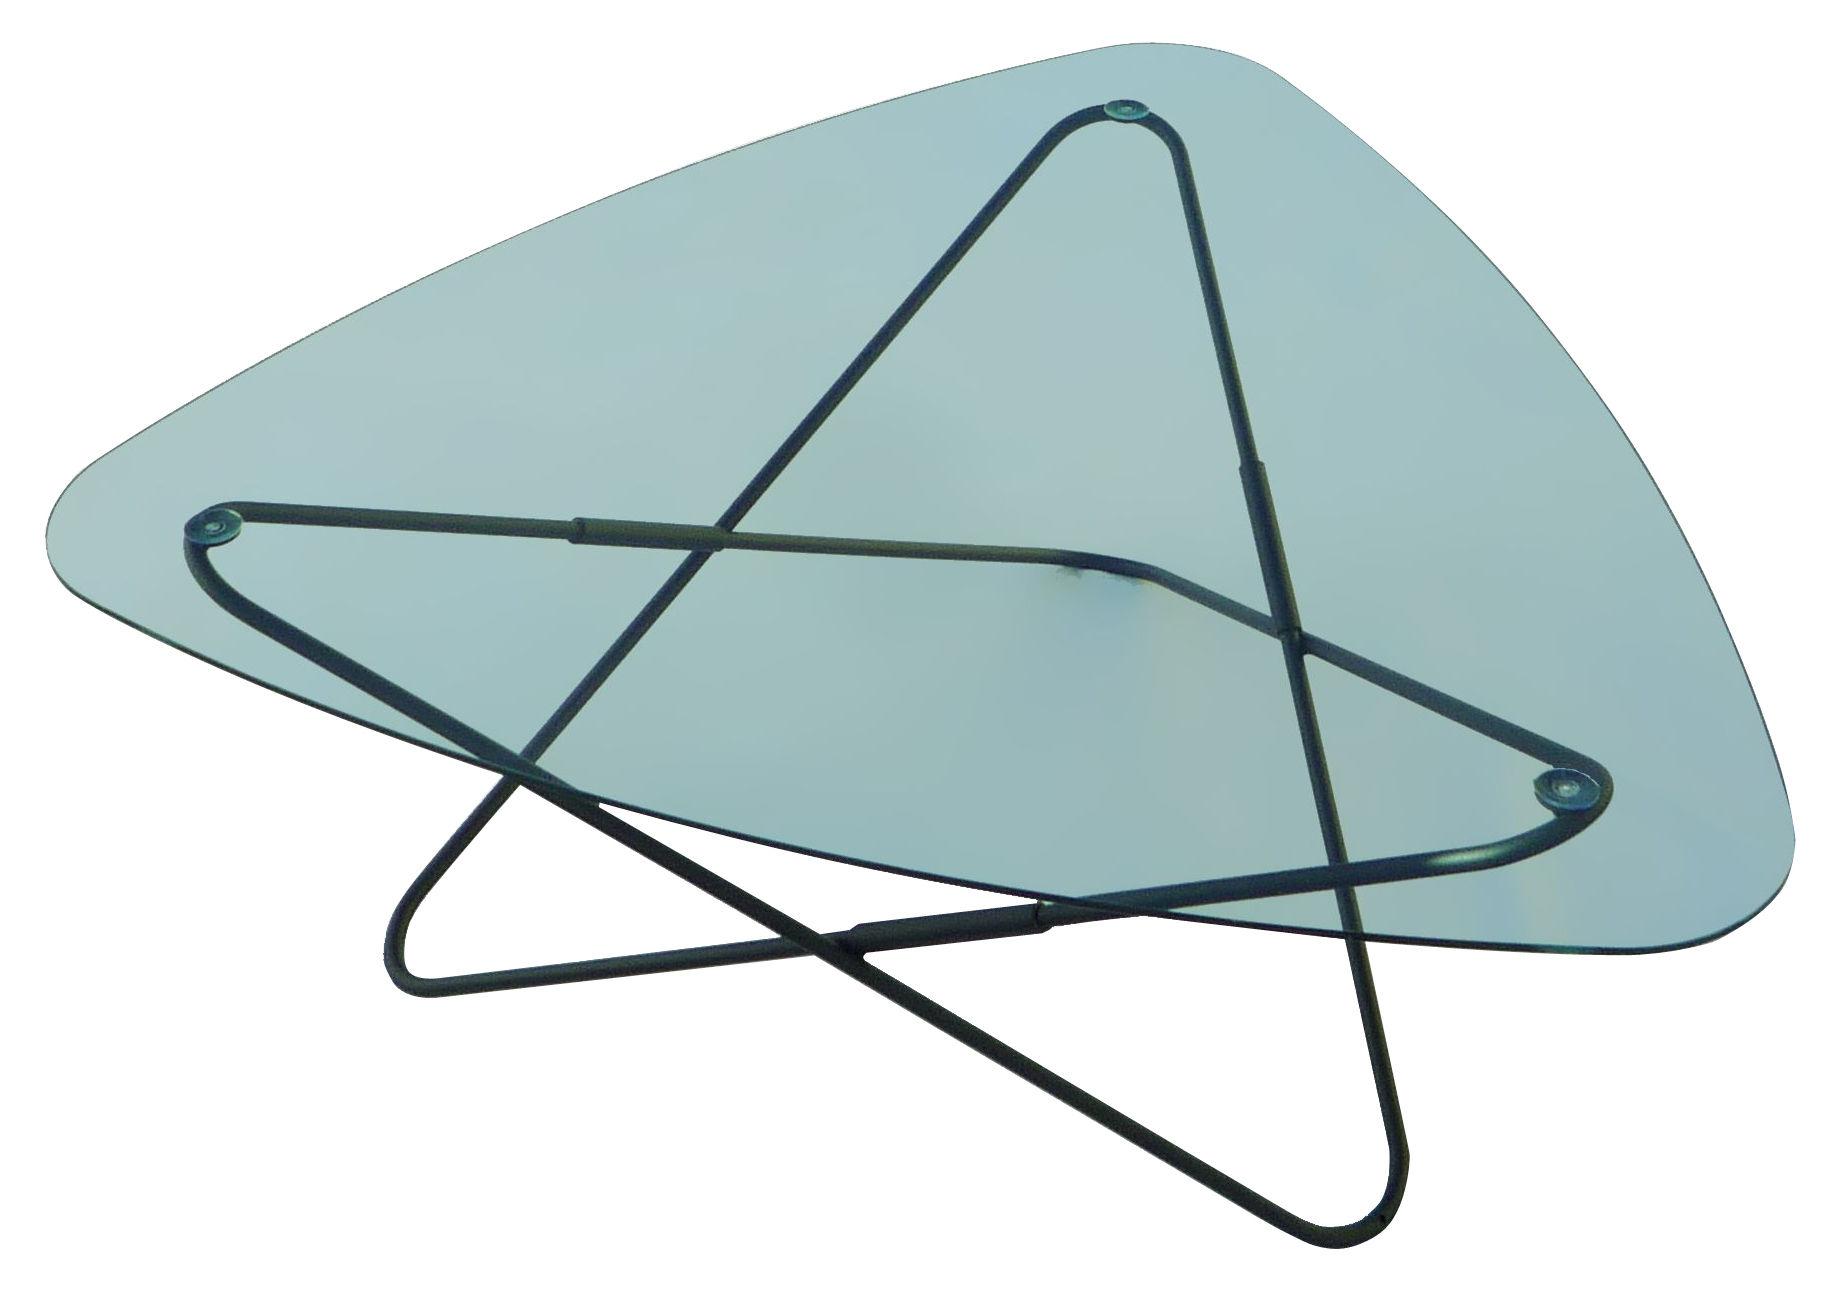 Mobilier - Tables basses - Table basse AA Butterfly structure noire - L 95 cm - AA-New Design - Structure noire / Verre transparent - Acier laqué, Verre trempé